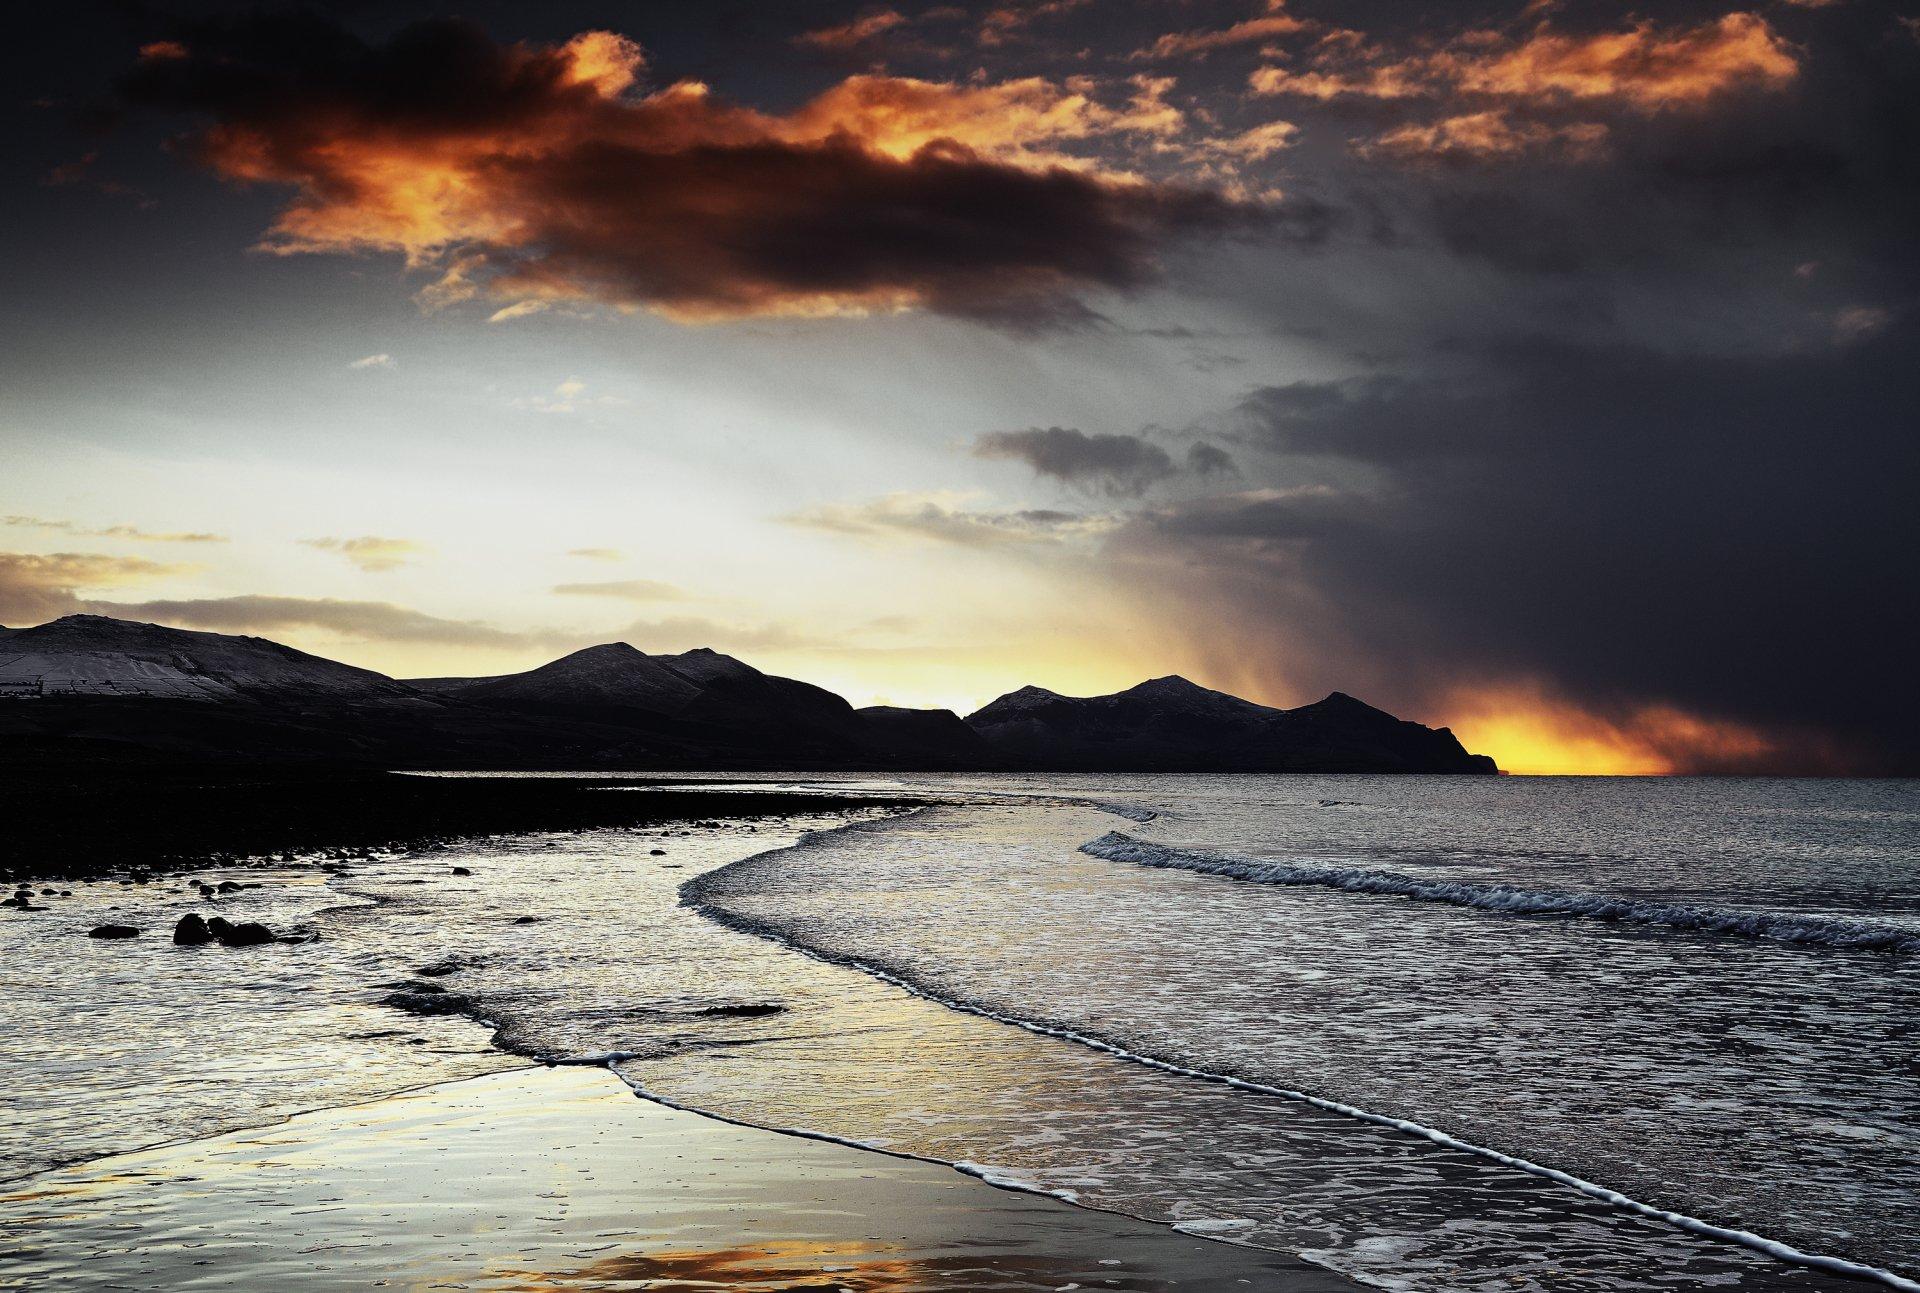 Terre/Nature - Côte  Evening Coucher De Soleil Sea Montagne Pierre Plage Vague Paysage Scénique Lever De Soleil Océan Ciel Nuage Fond d'écran